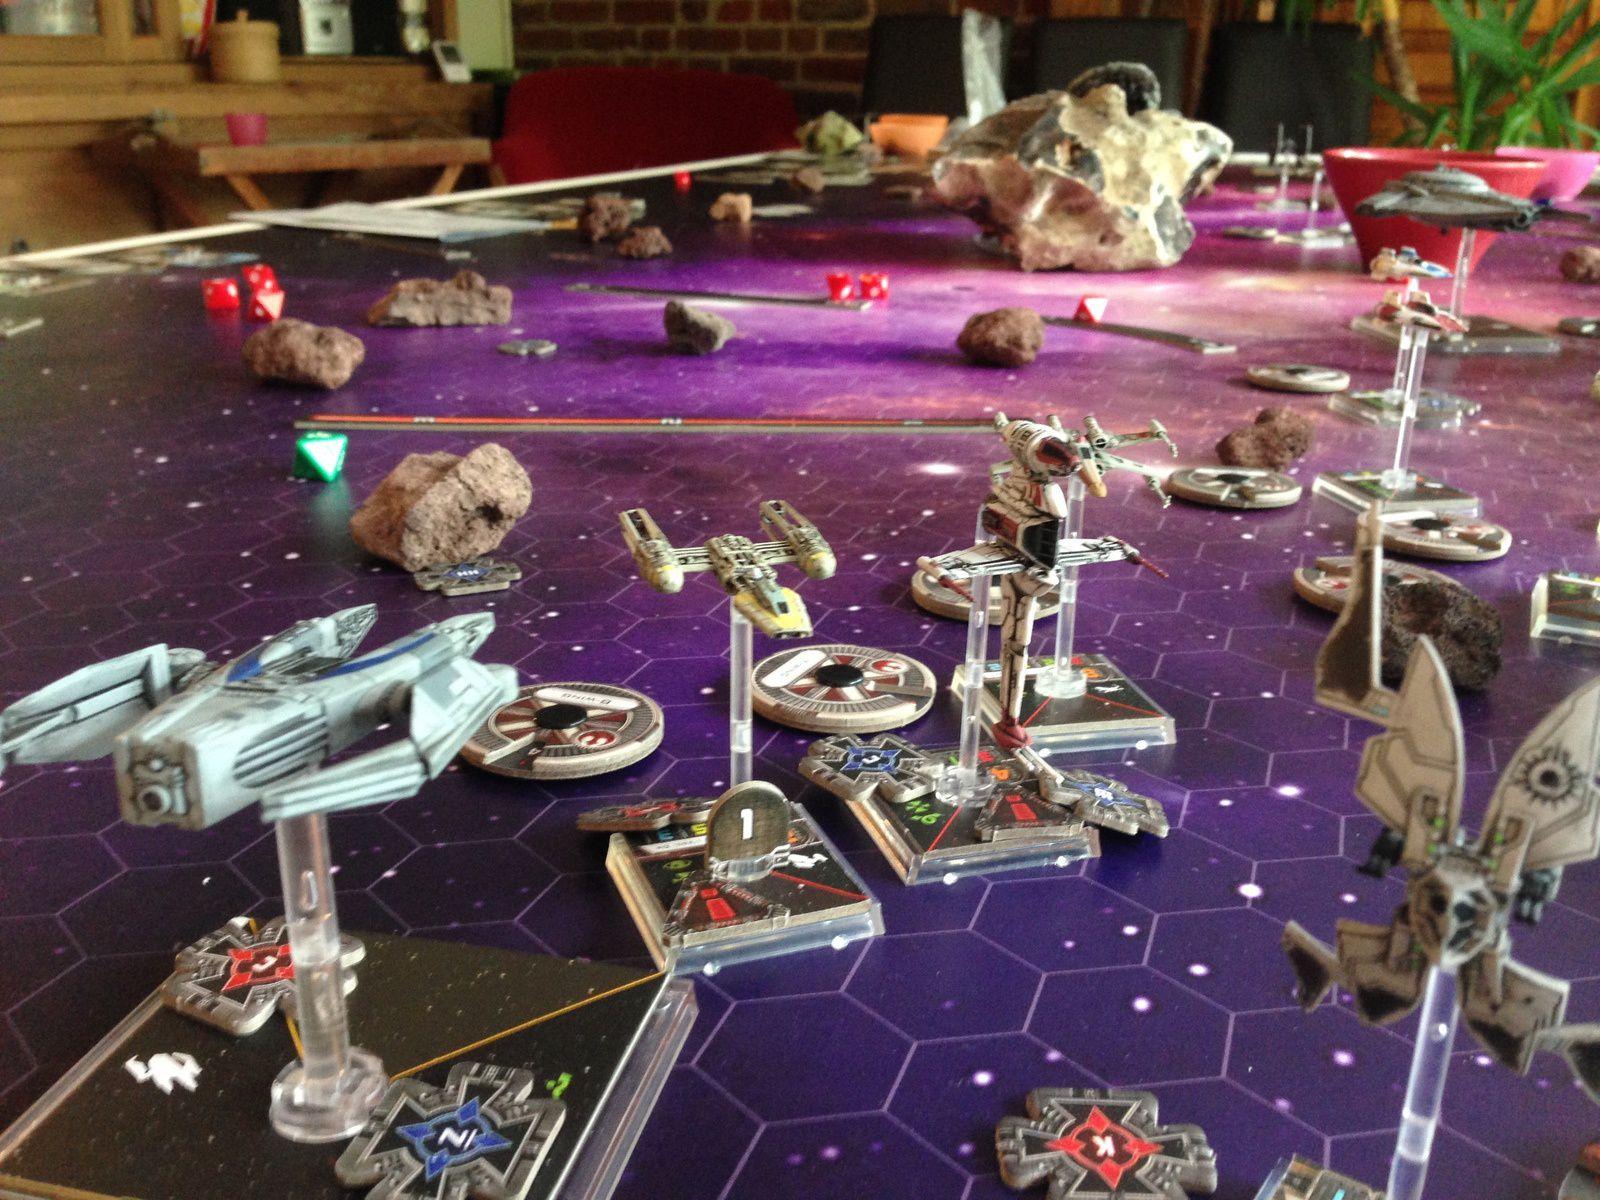 Et là c'est le drame, L'IG2000 que l'on peut voir au premier se voit arraisonner par les rebelles juste avant de quitter le plateau et donc remporter la partie..et c'etait sans compter sur l'empire qui s'empresse de concentrer ses tirs sur le malheureux qui explose..L'empire gagne :-)